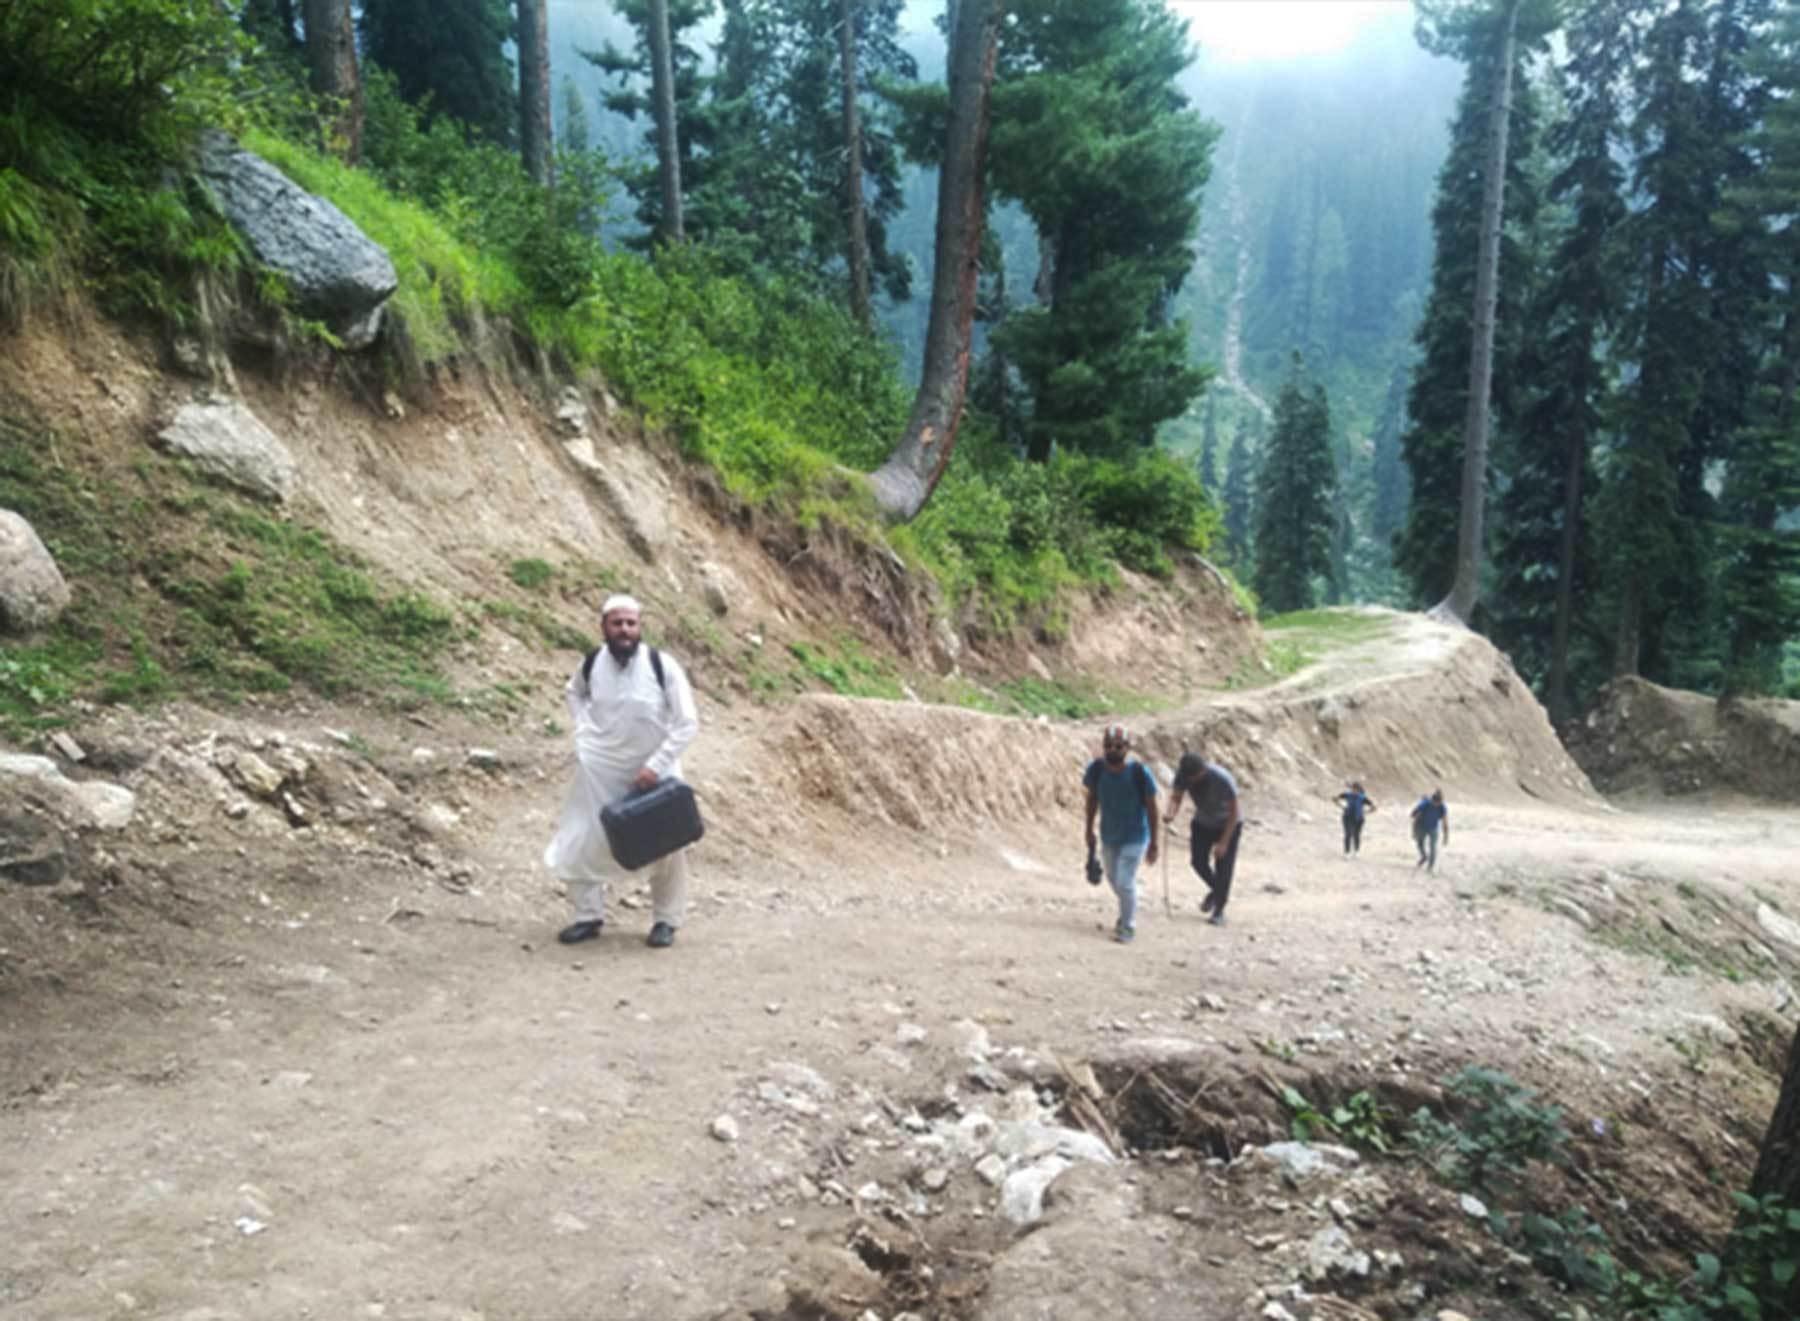 عمودی پہاڑی پر چڑھائی ایک مشکل مرحلہ ثابت ہوئی— عظمت اکبر